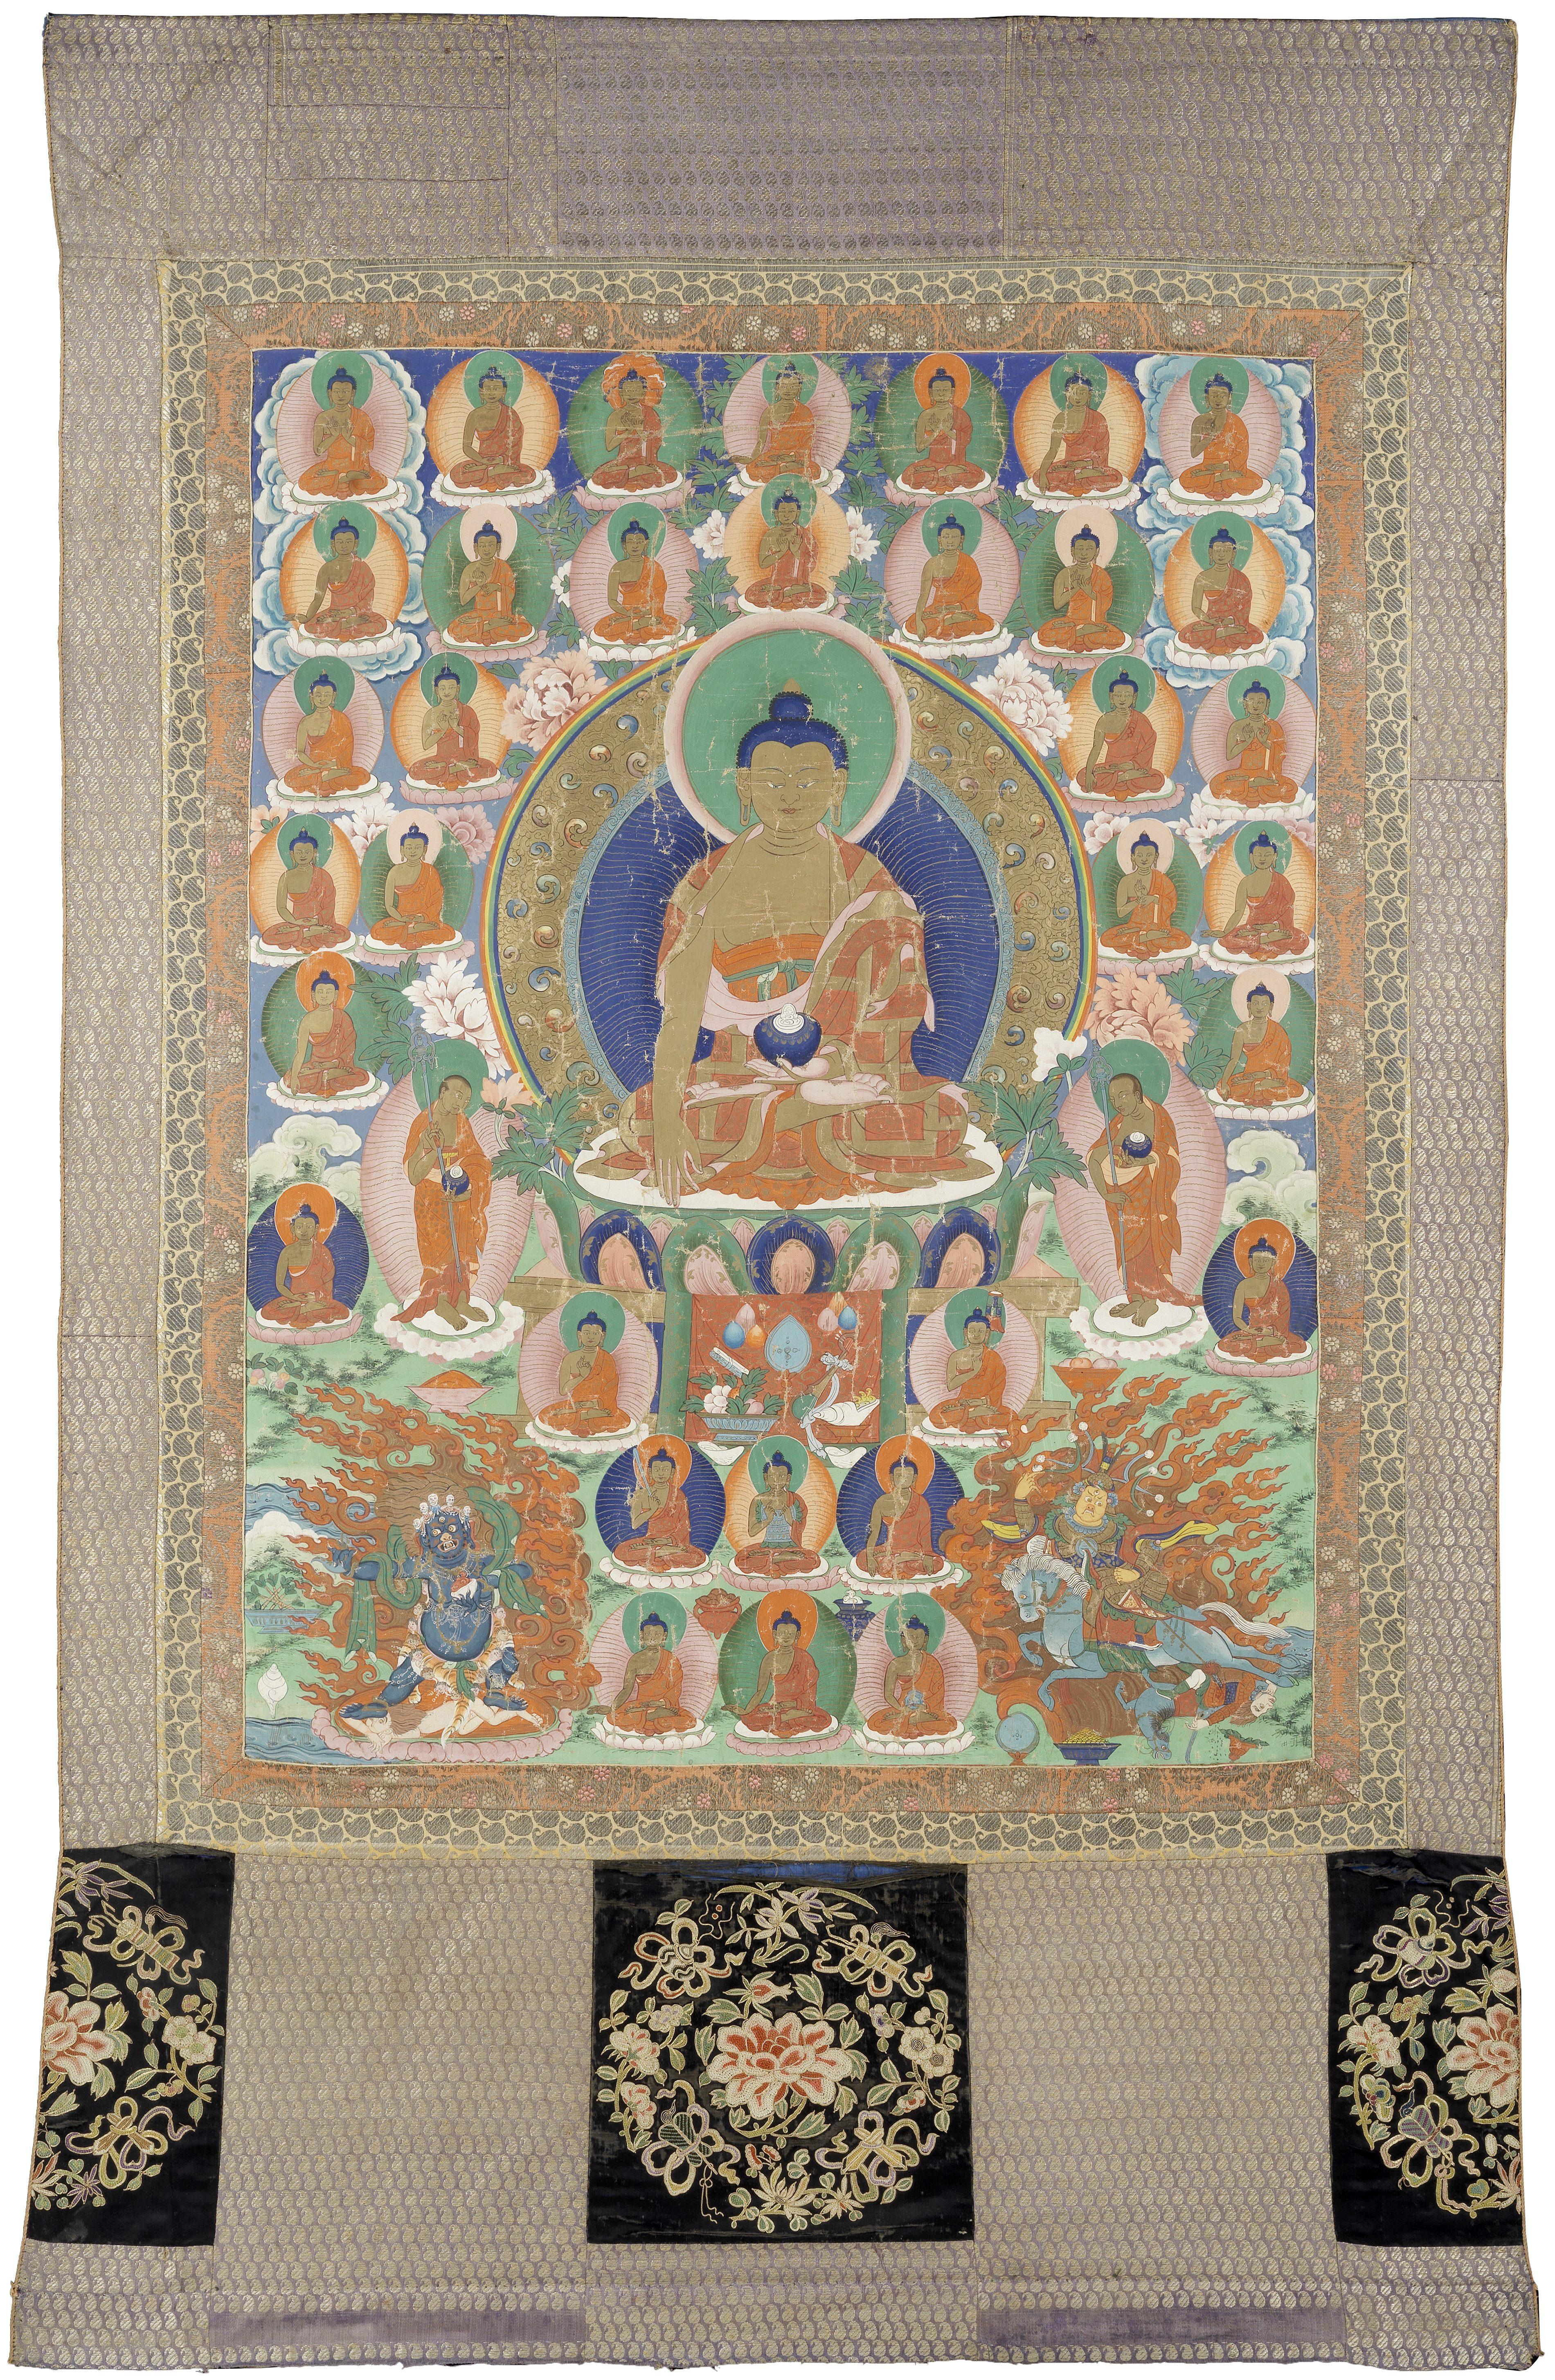 A THANGKA OF BUDDHA SHAKYAMUNI Tibet, 18th century